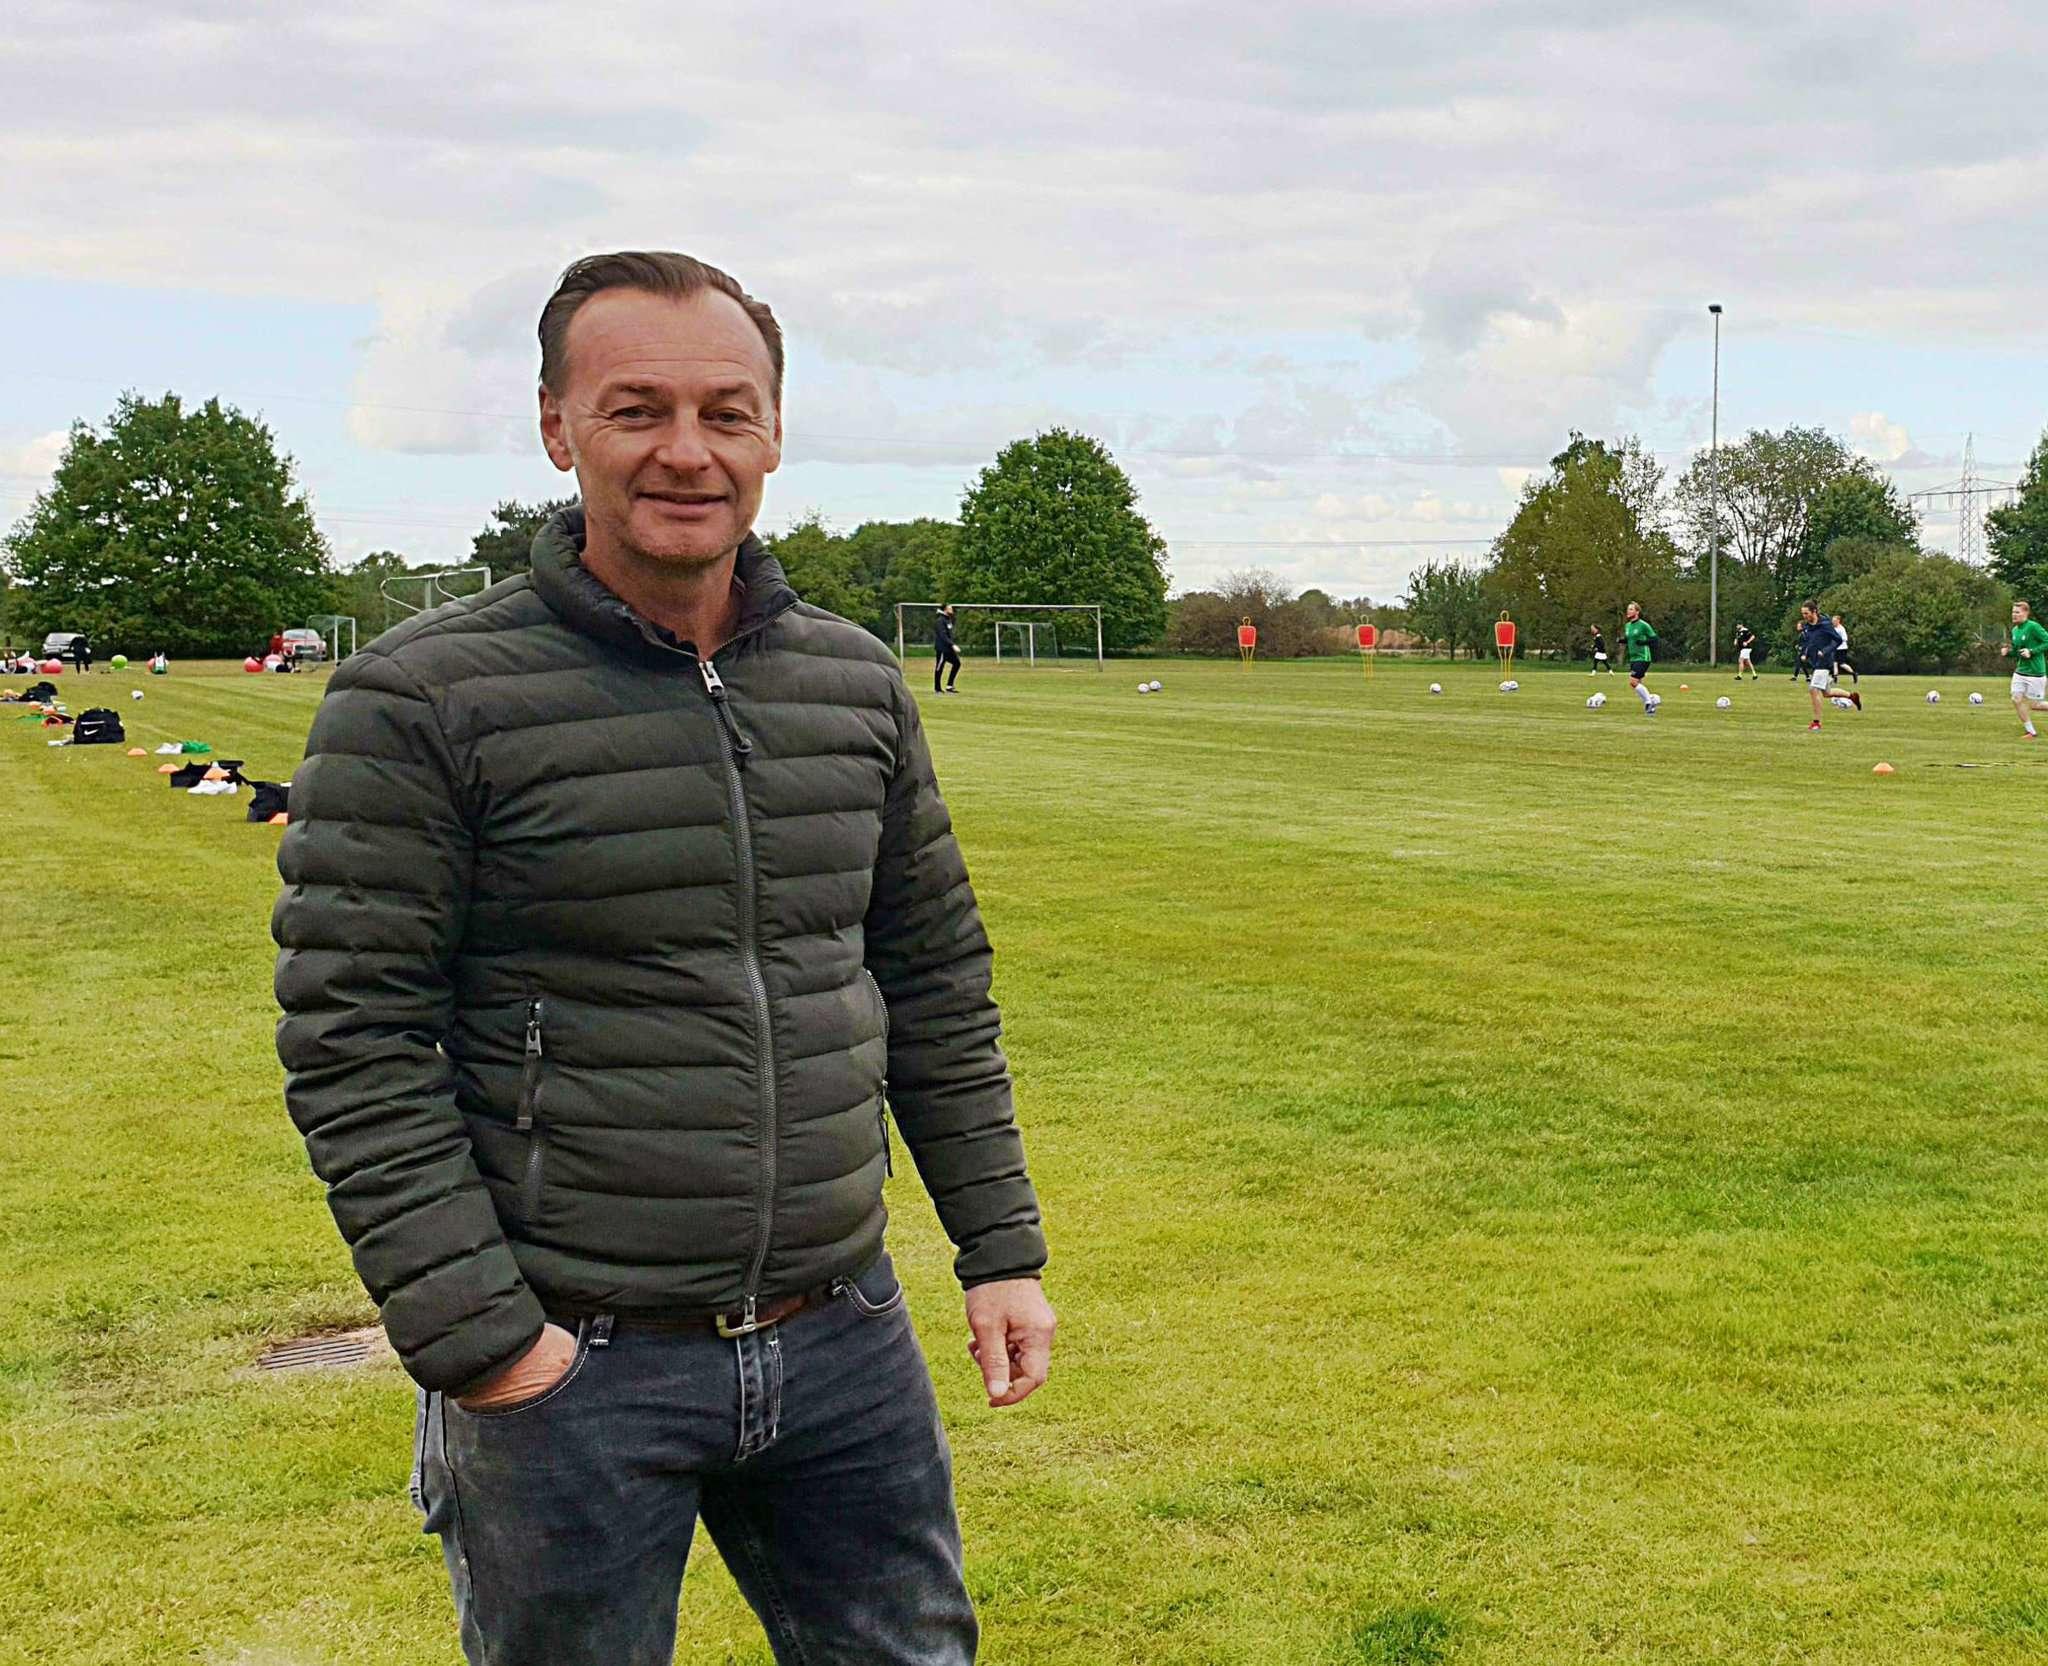 Vorstandsmitglied Thorsten Meyer kümmert sich um den Vereinssport unter Corona-Bedingungen.  Foto: Tobias Woelki